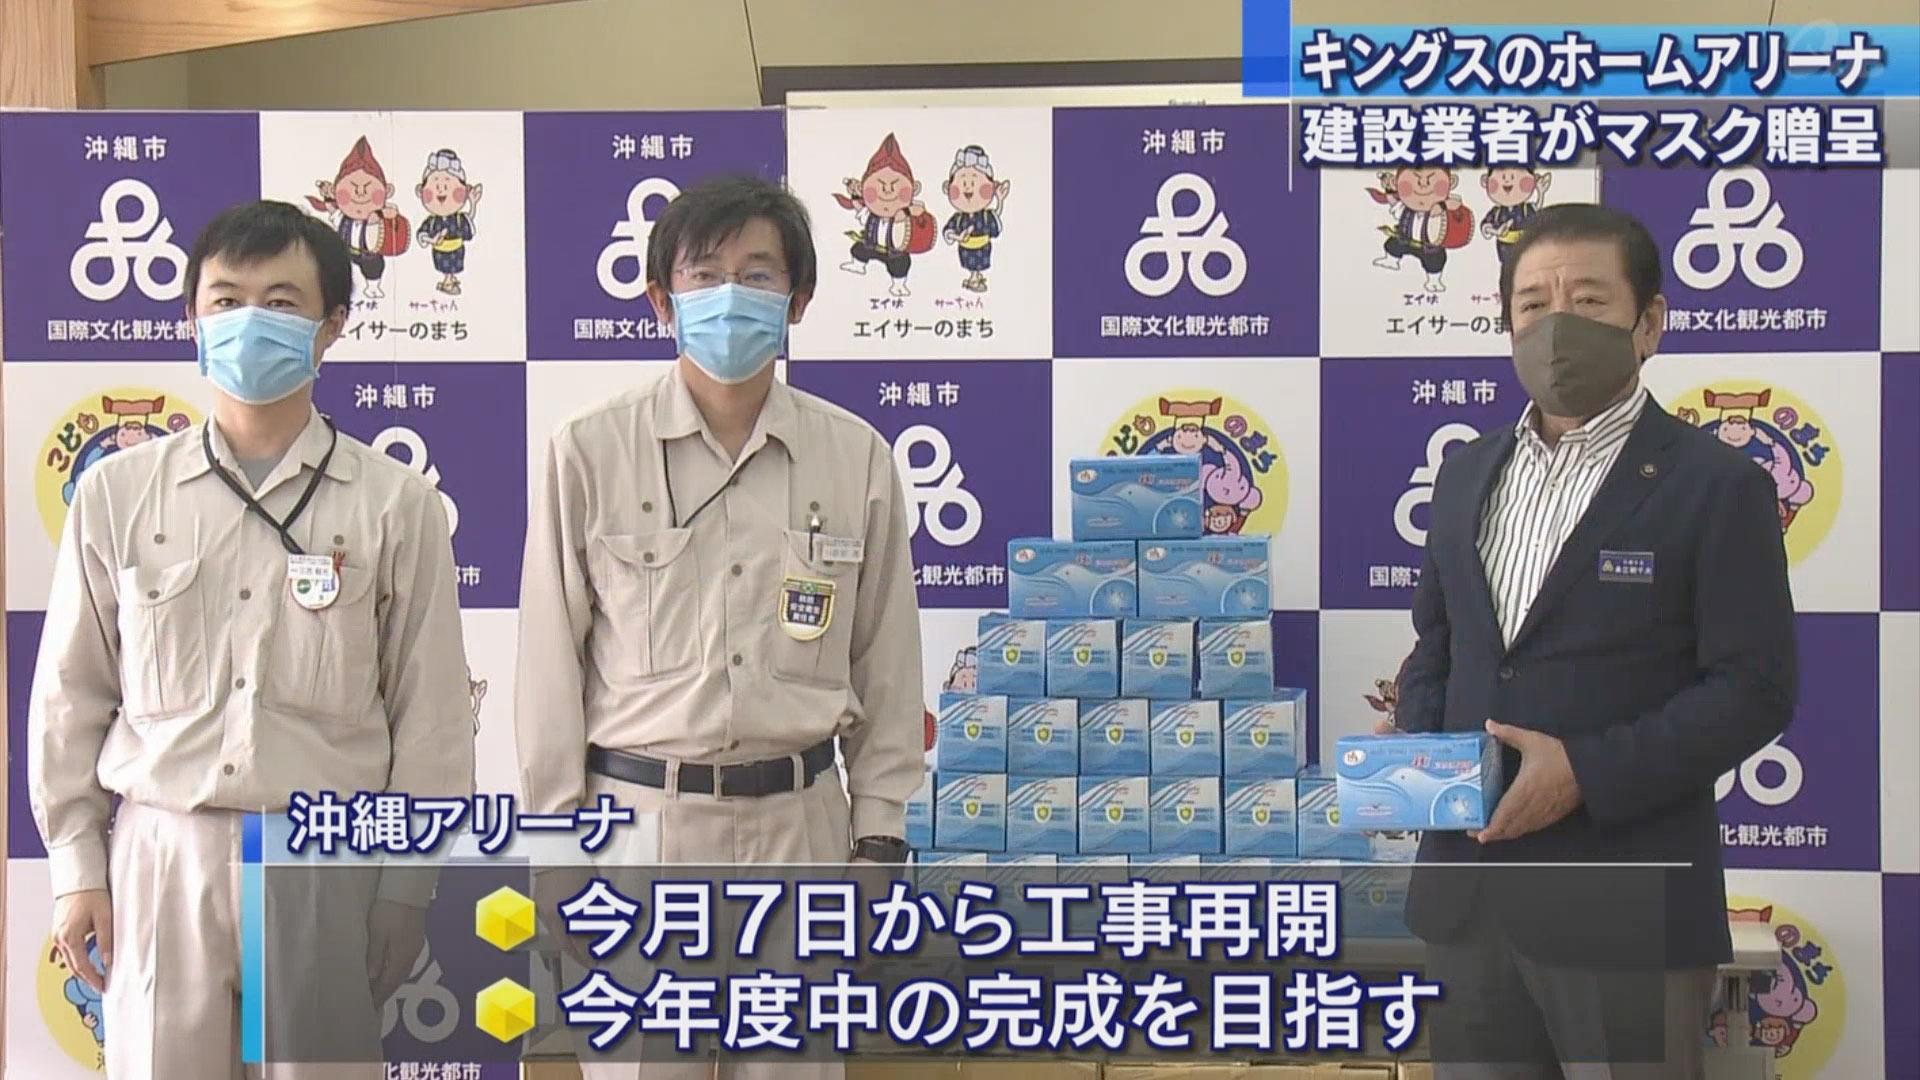 沖縄アリーナ施工業者がマスク1万枚を贈呈